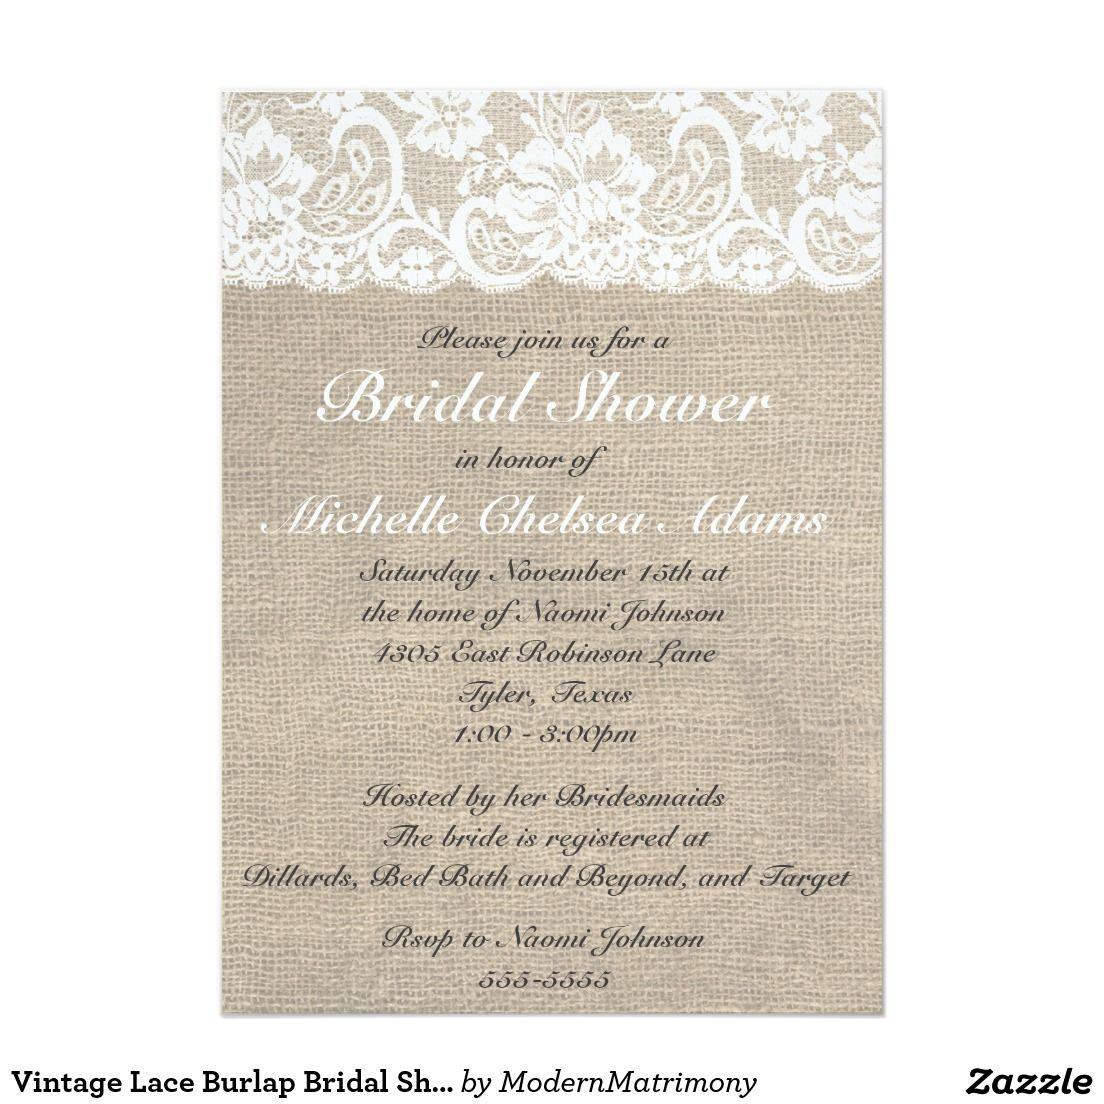 Vintage Lace Burlap Bridal Shower Invitation | Lace Wedding ...